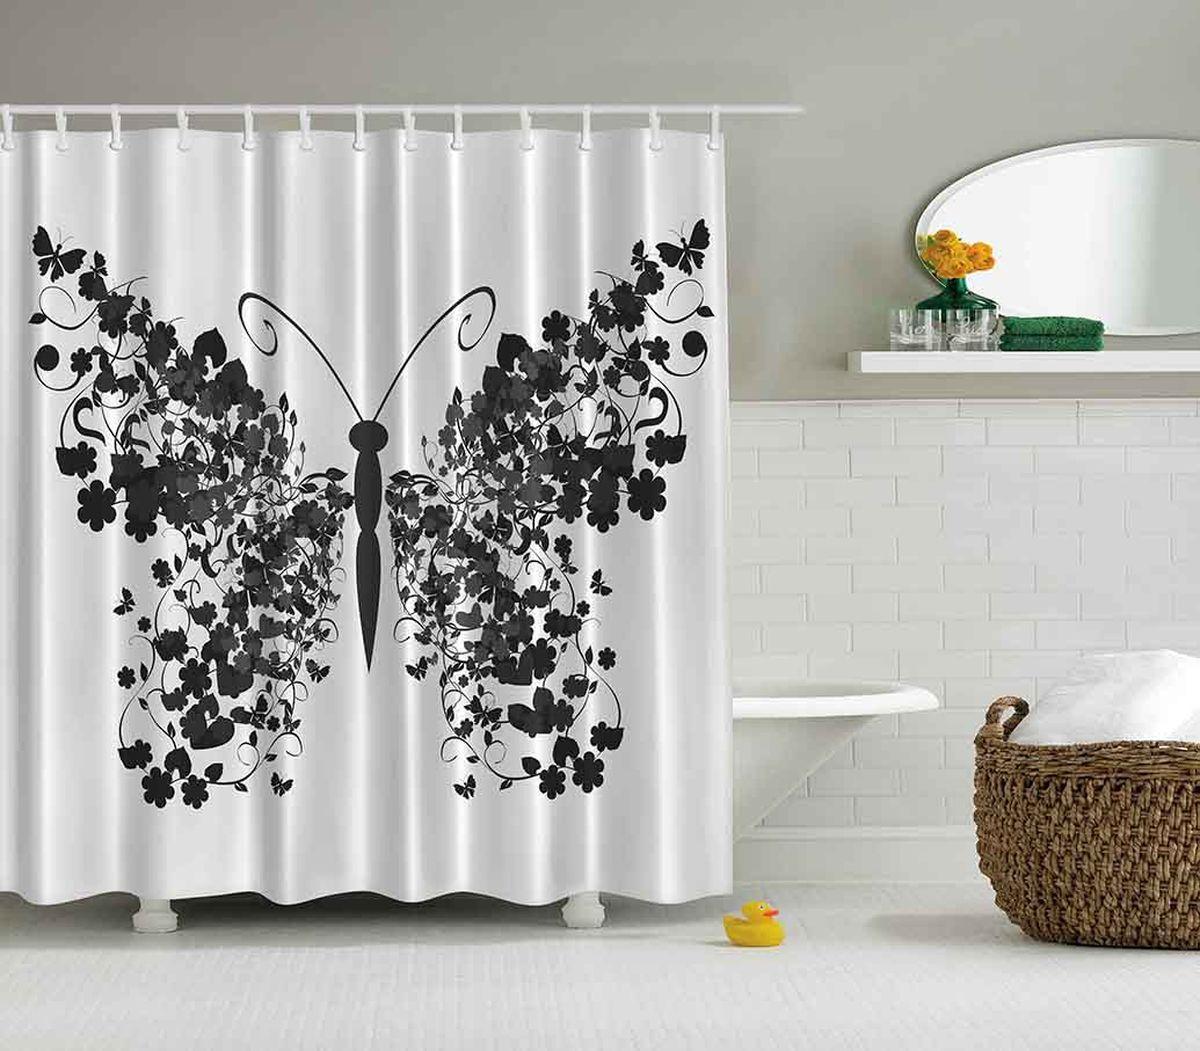 Штора для ванной комнаты Magic Lady Черная бабочка, 180 х 200 смшв_12273Штора Magic Lady Черная бабочка, изготовленная из высококачественного сатена (полиэстер 100%), отлично дополнит любой интерьер ванной комнаты. При изготовлении используются специальные гипоаллергенные чернила для прямой печати по ткани, безопасные для человека.В комплекте: 1 штора, 12 крючков. Обращаем ваше внимание, фактический цвет изделия может незначительно отличаться от представленного на фото.